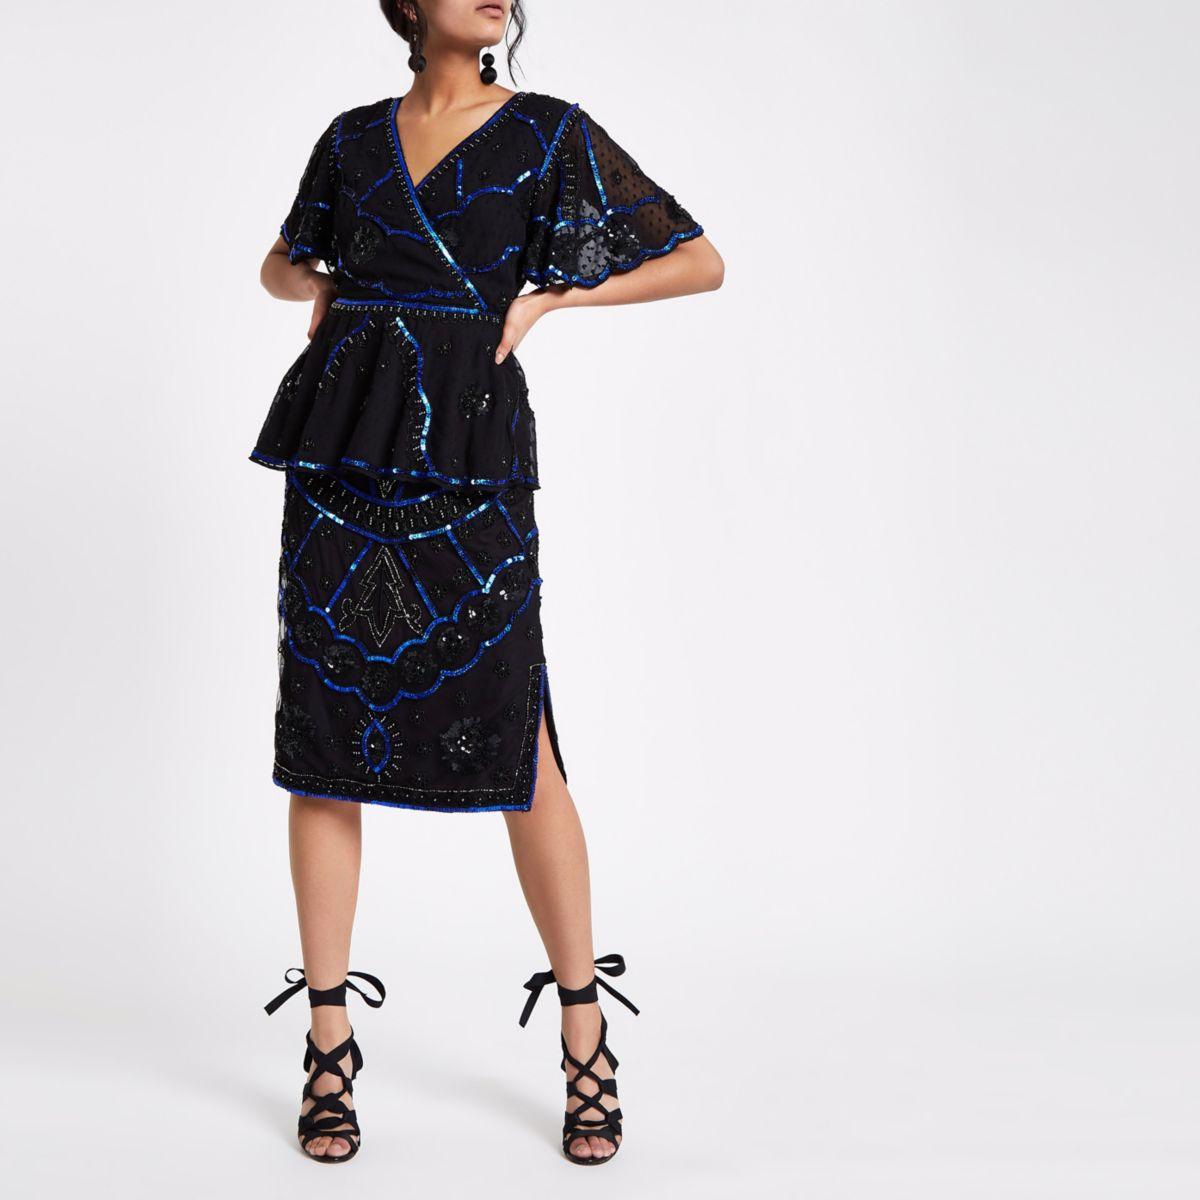 Black embellished pencil skirt